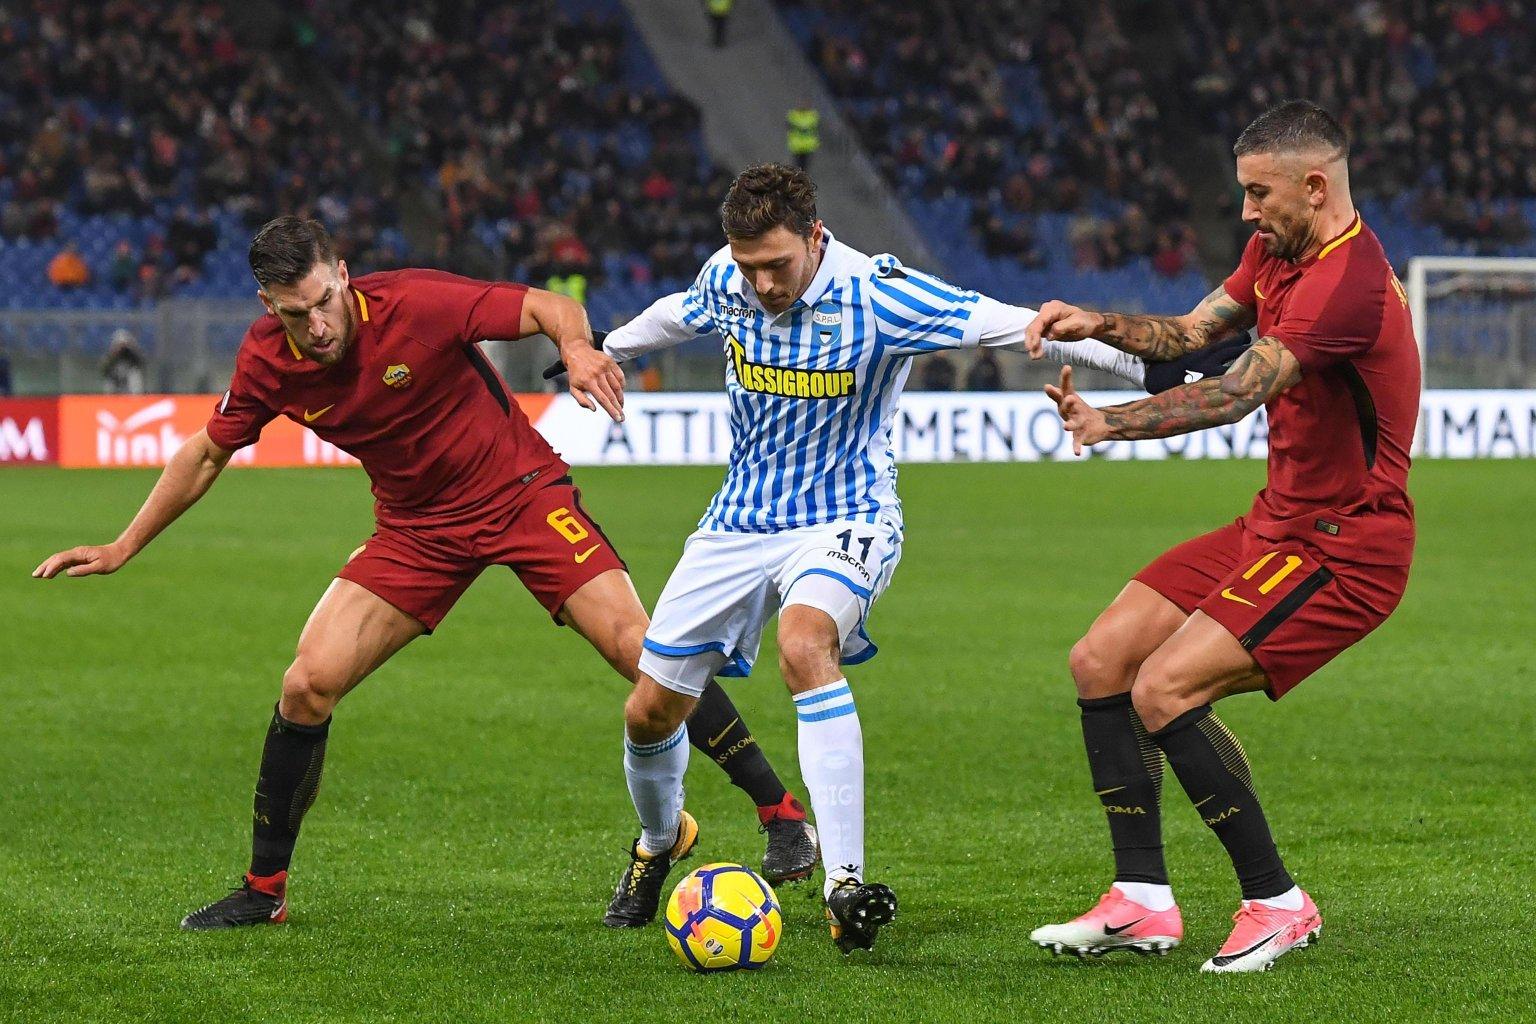 Diritti Tv Serie A 2018 - 2021, Mediapro prepara i pacchetti, Sky alla finestra